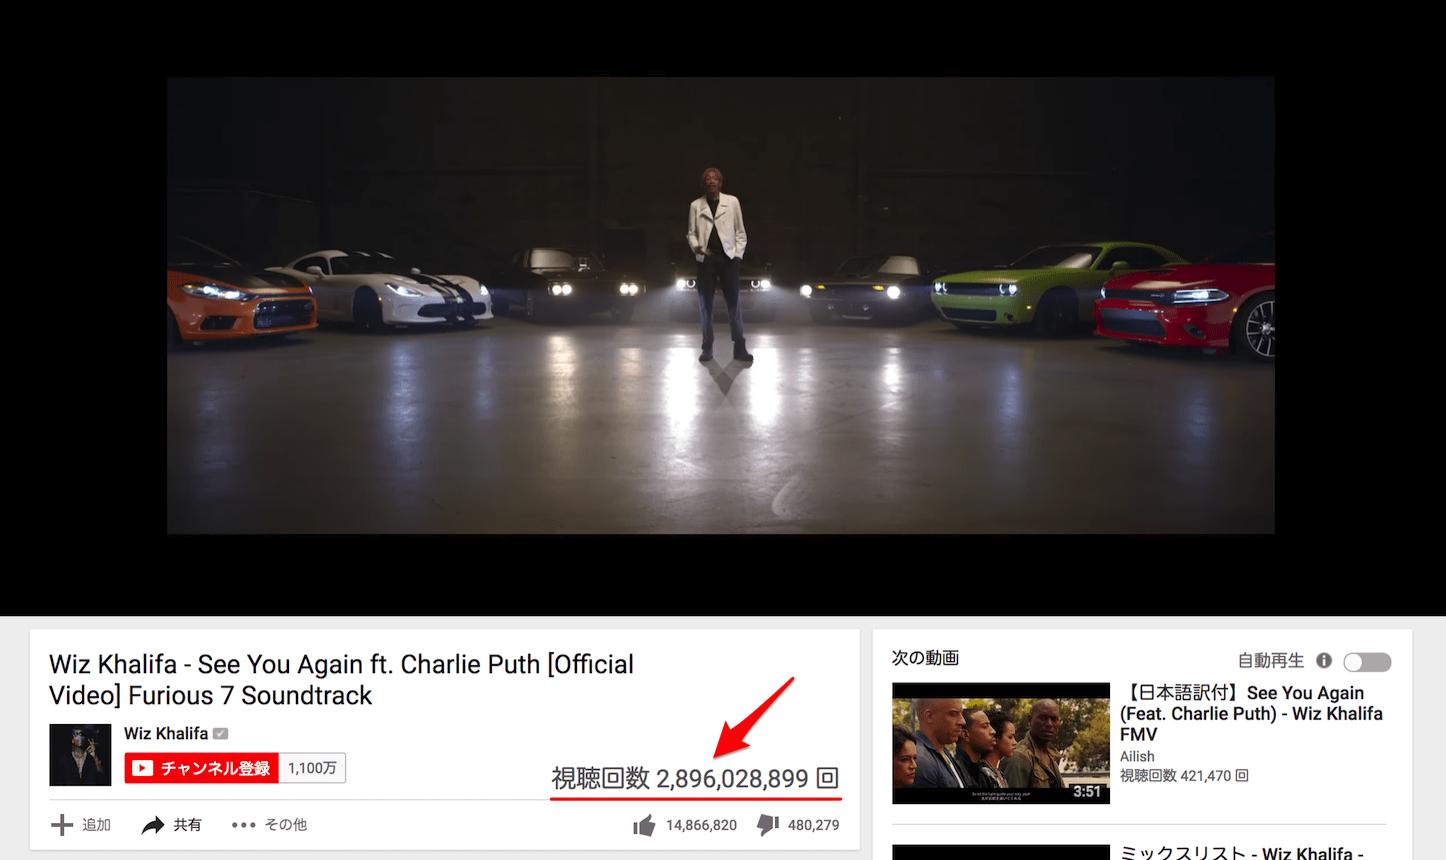 Wiz-Khalifa-See-You-Again-top.png